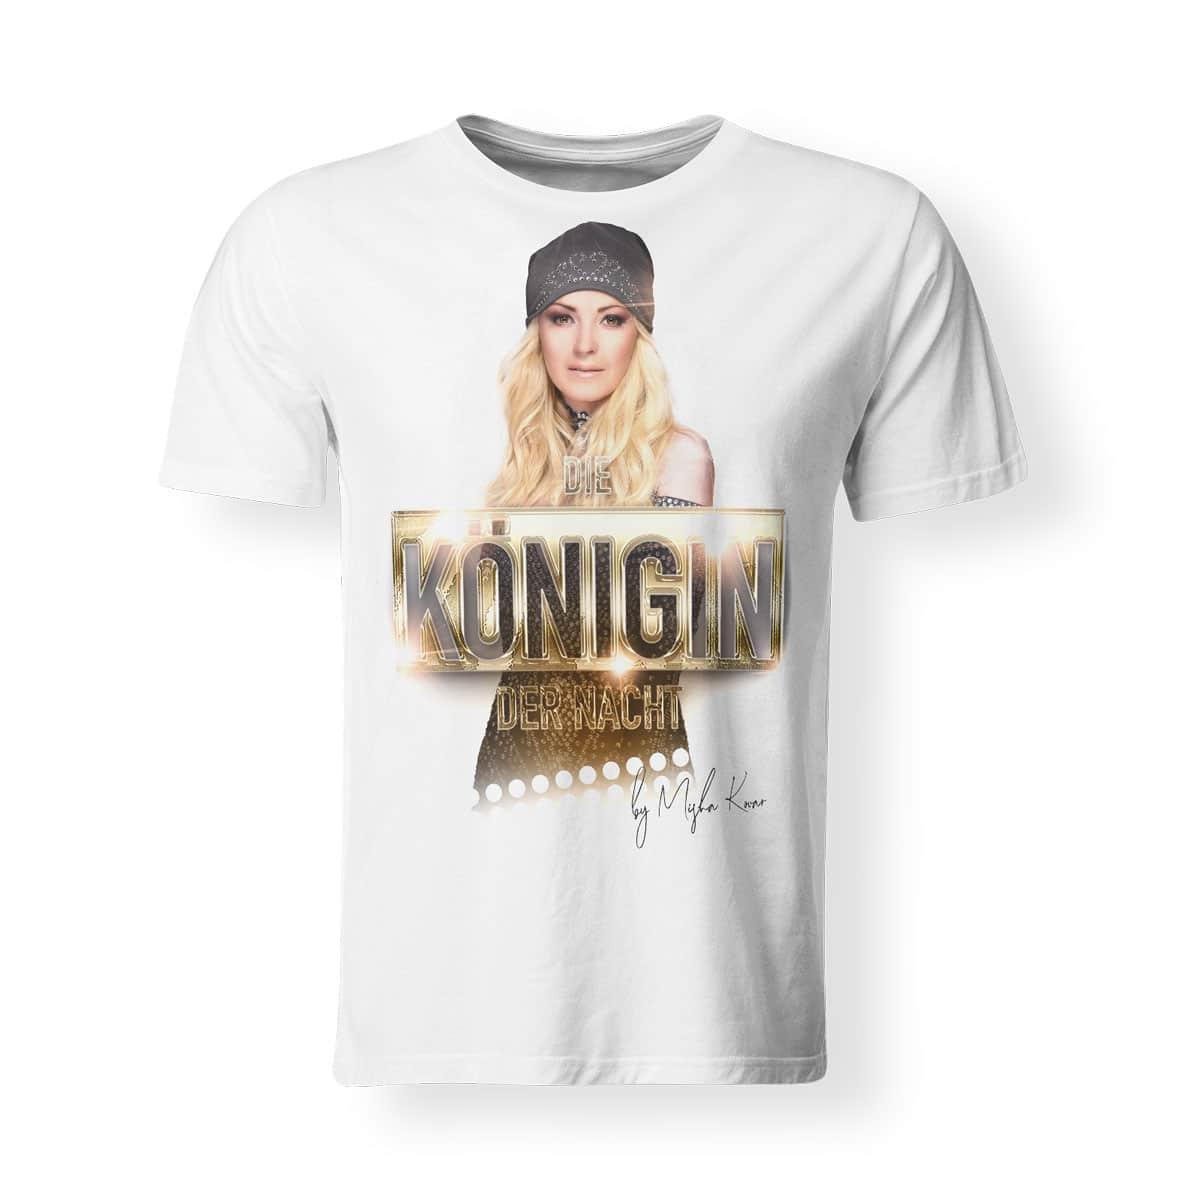 Misha Kovar T-Shirt Herren Königin der Nacht Foto weiß